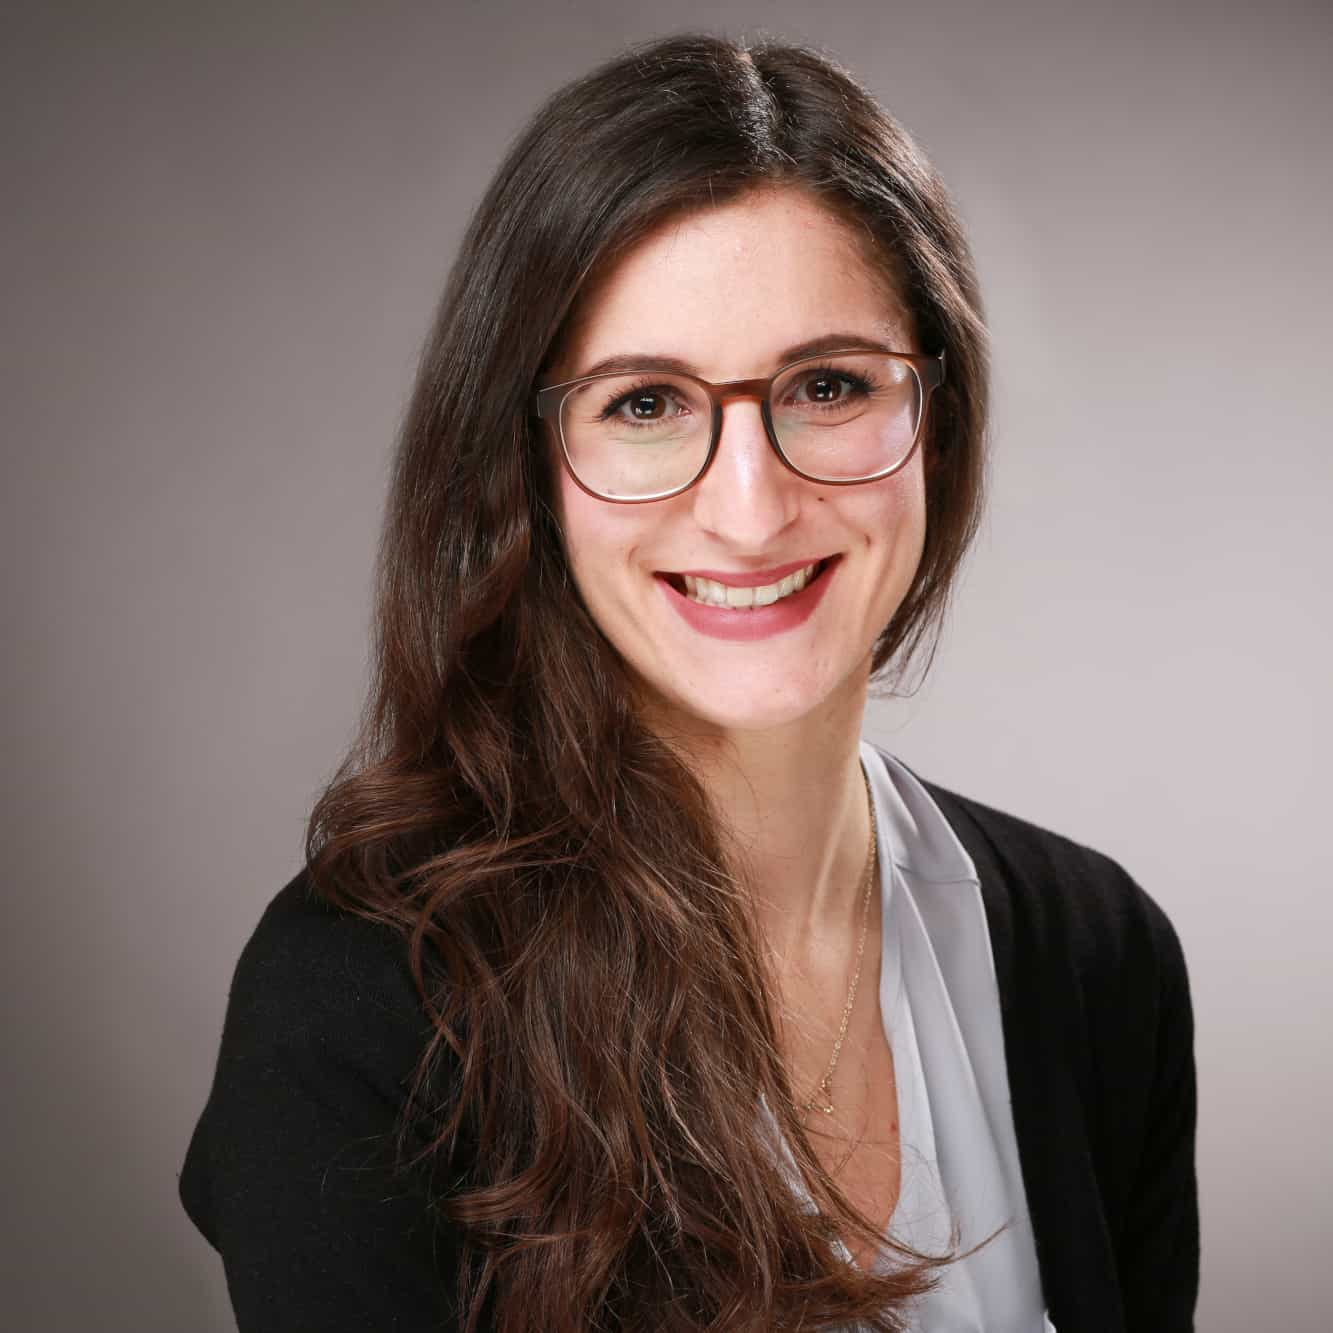 Silvia Catania